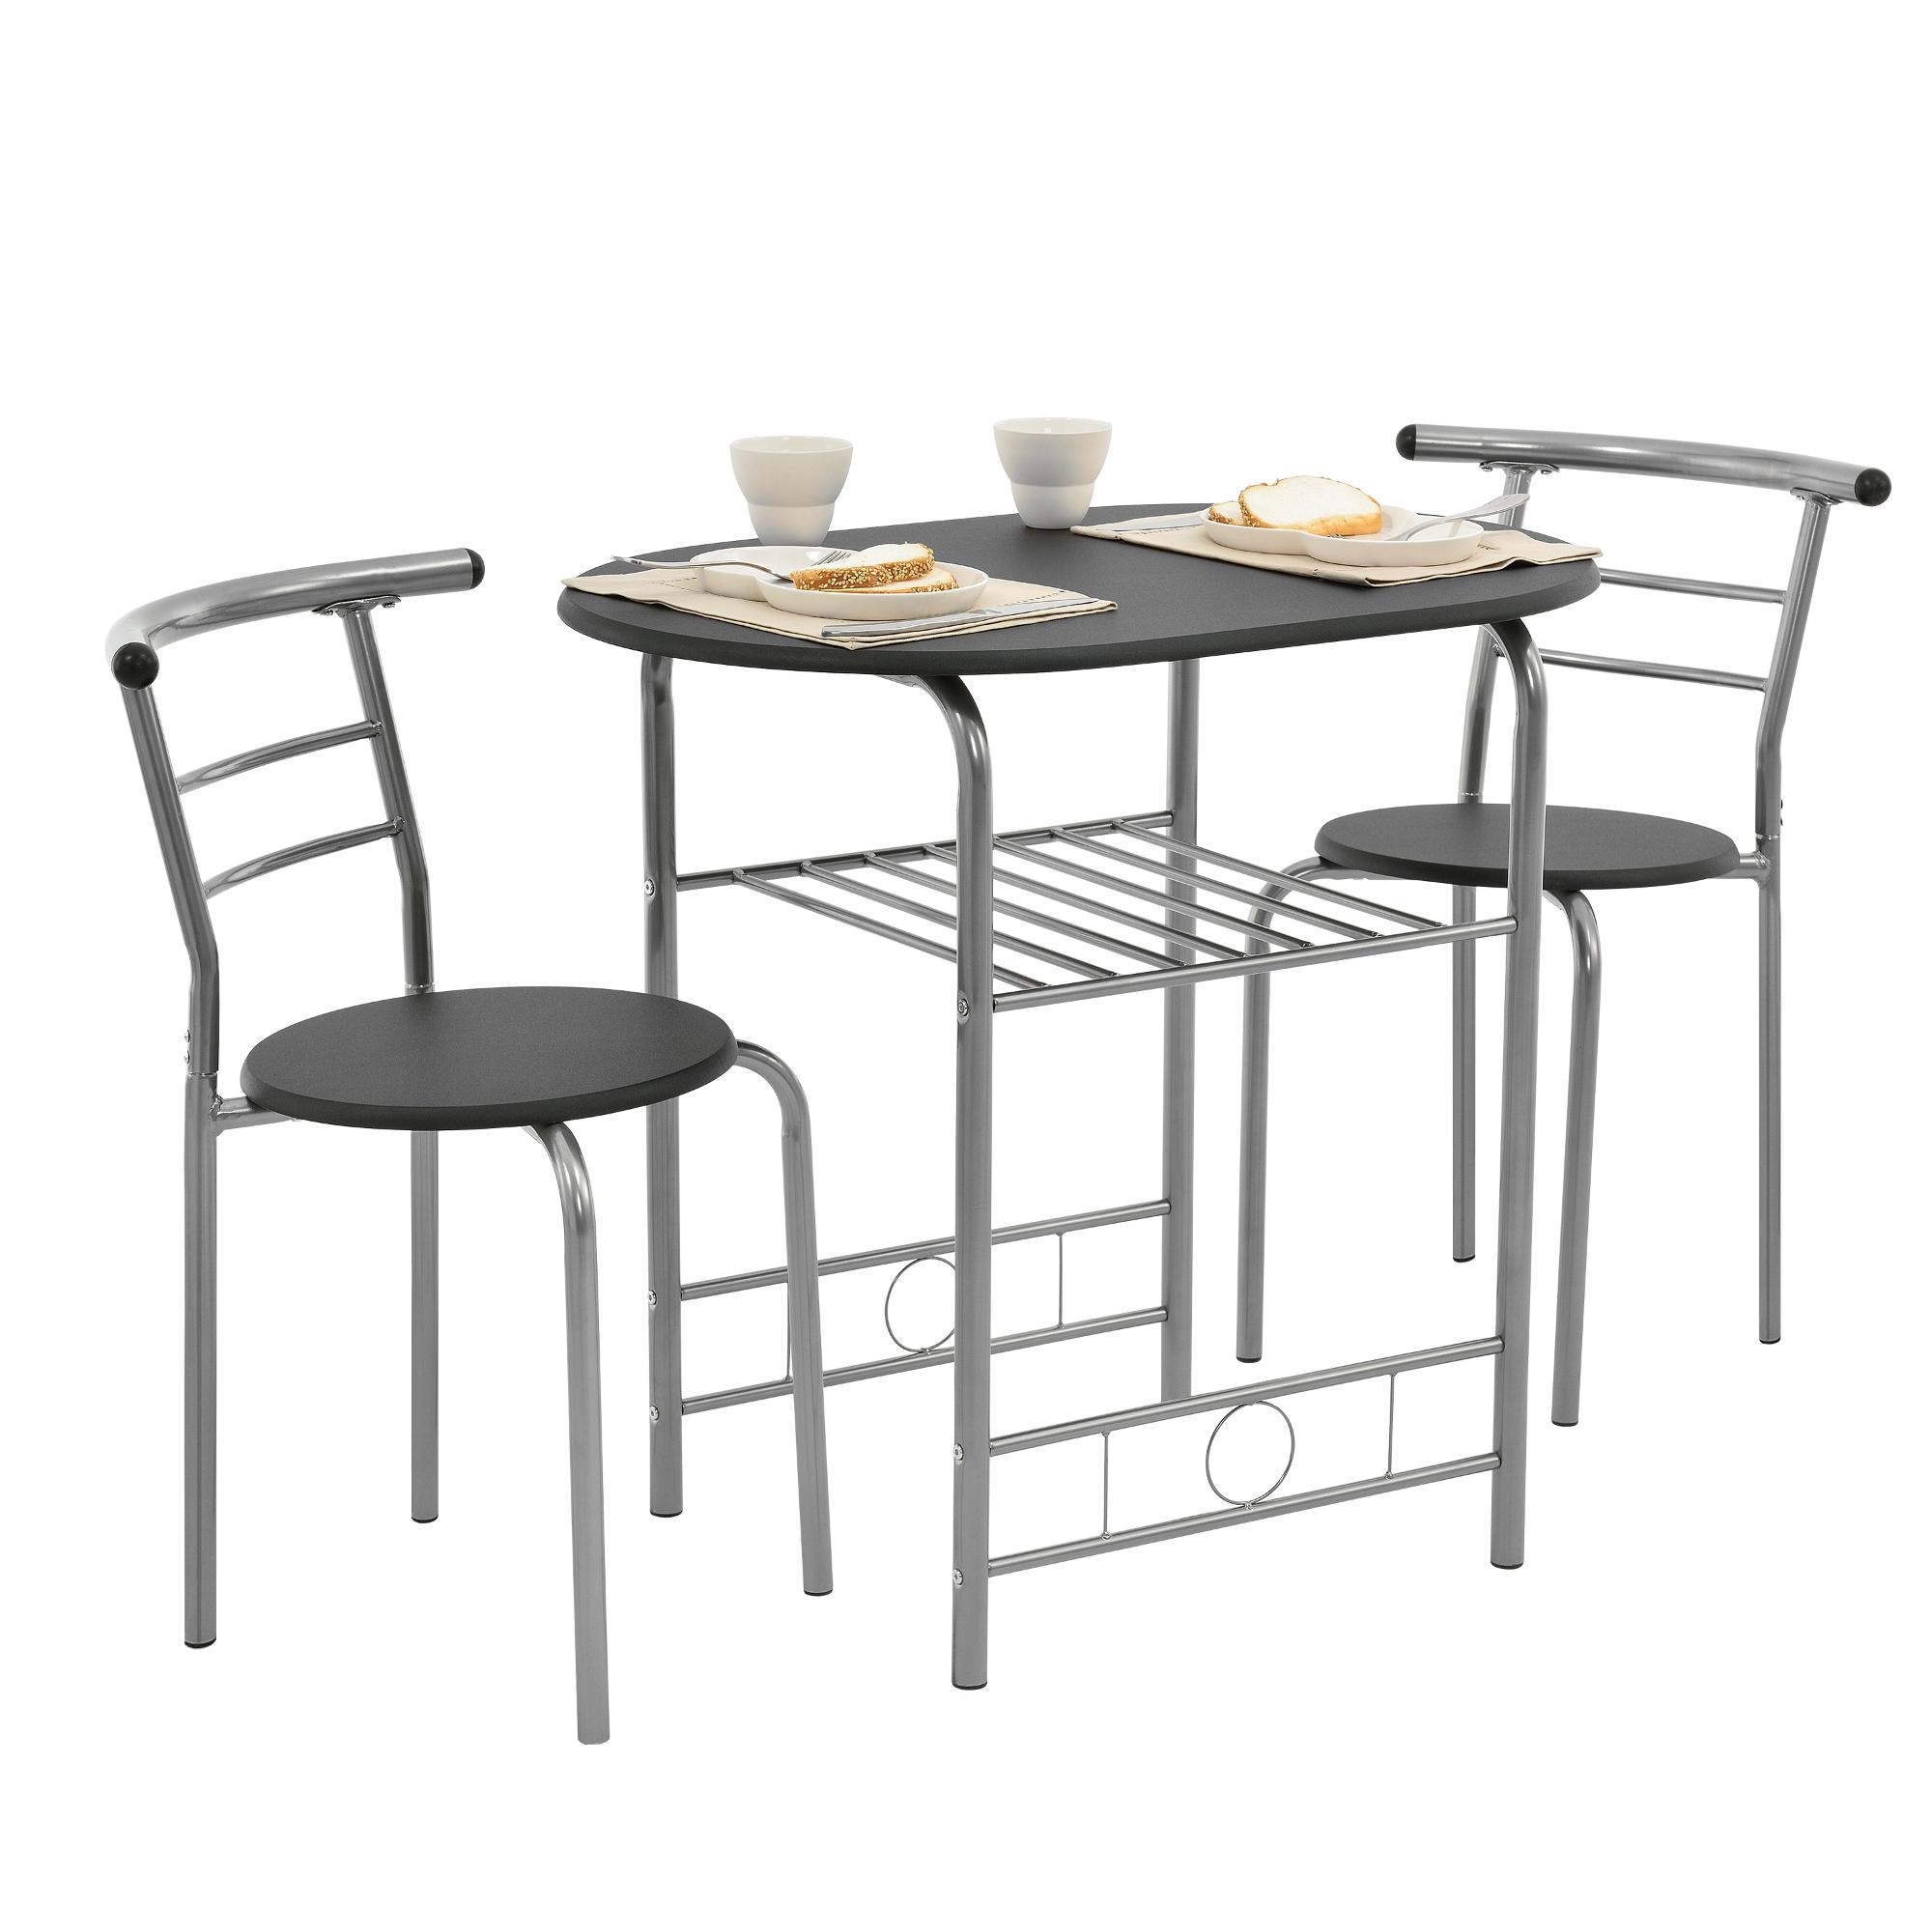 [ensa] Bistro Set Schwarz Grau Tisch Und Stuhlset